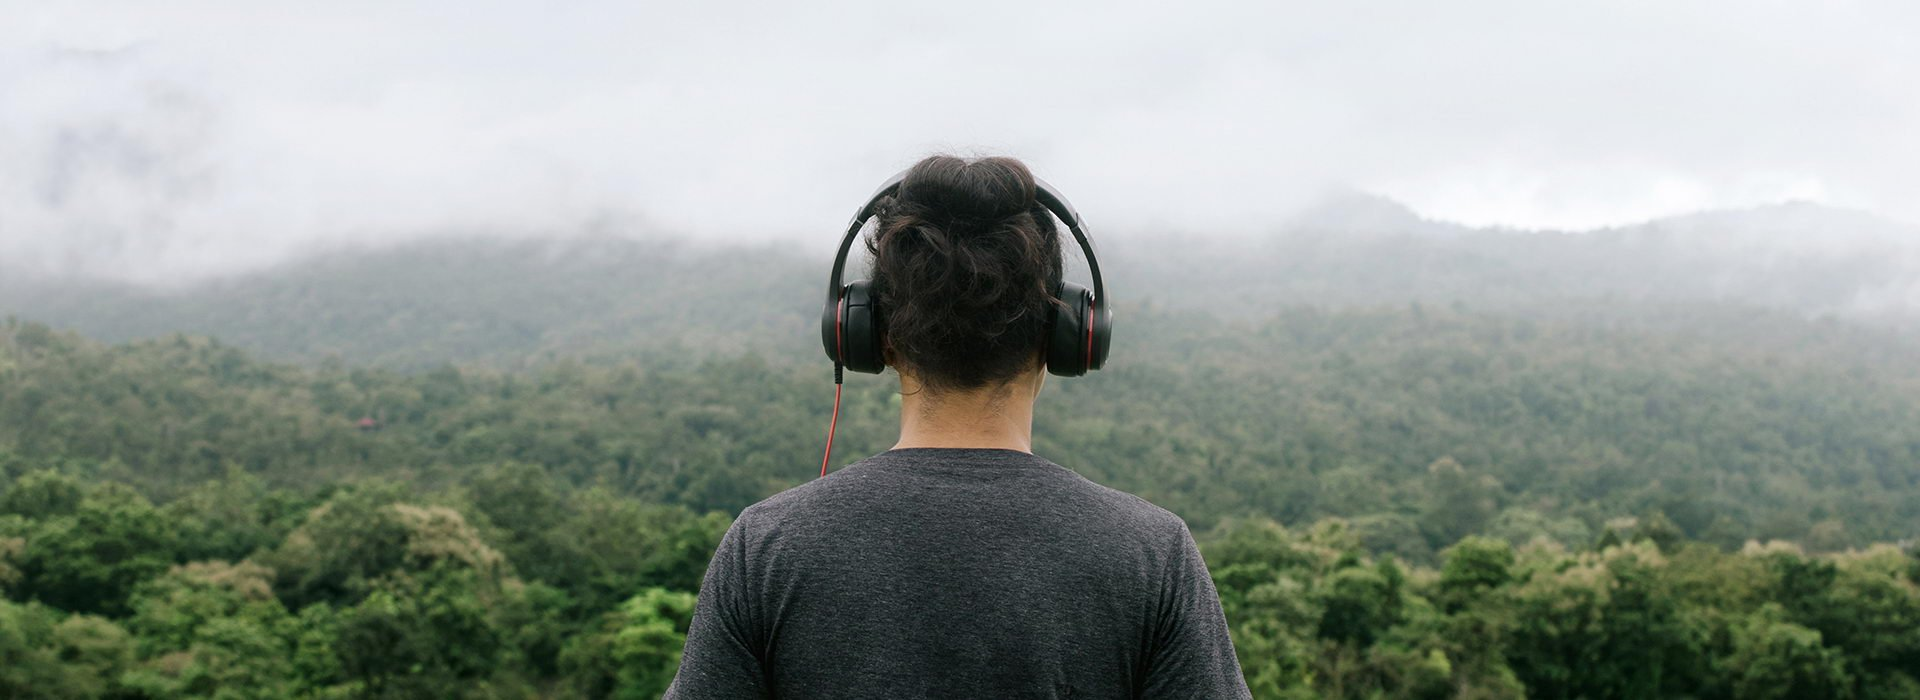 Услышать планету